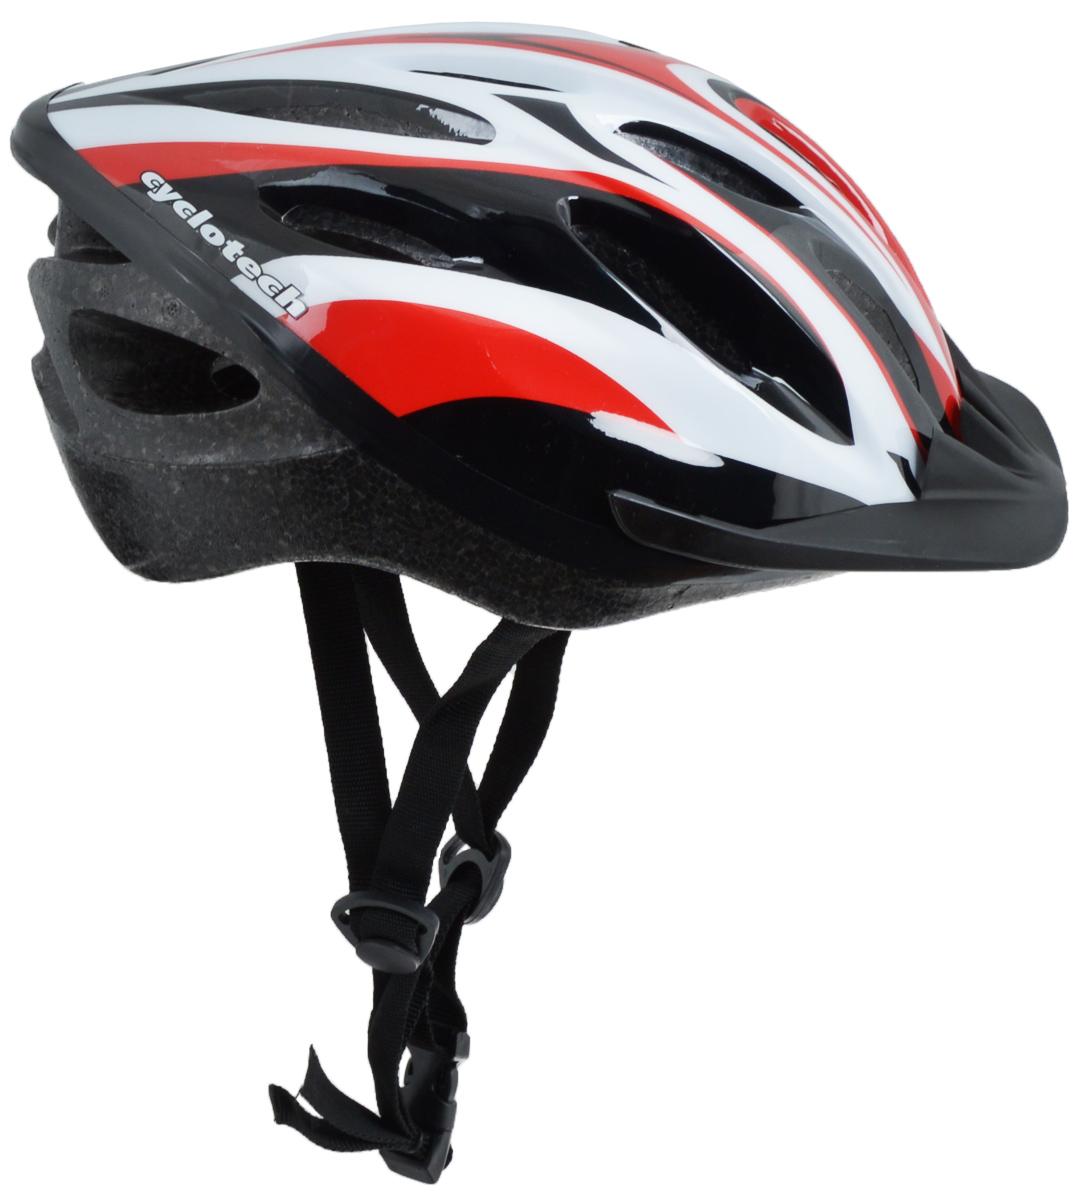 """Шлем защитный """"Cyclotech"""", для занятий велоспортом, цвет: черный, белый, красный. Размер L"""